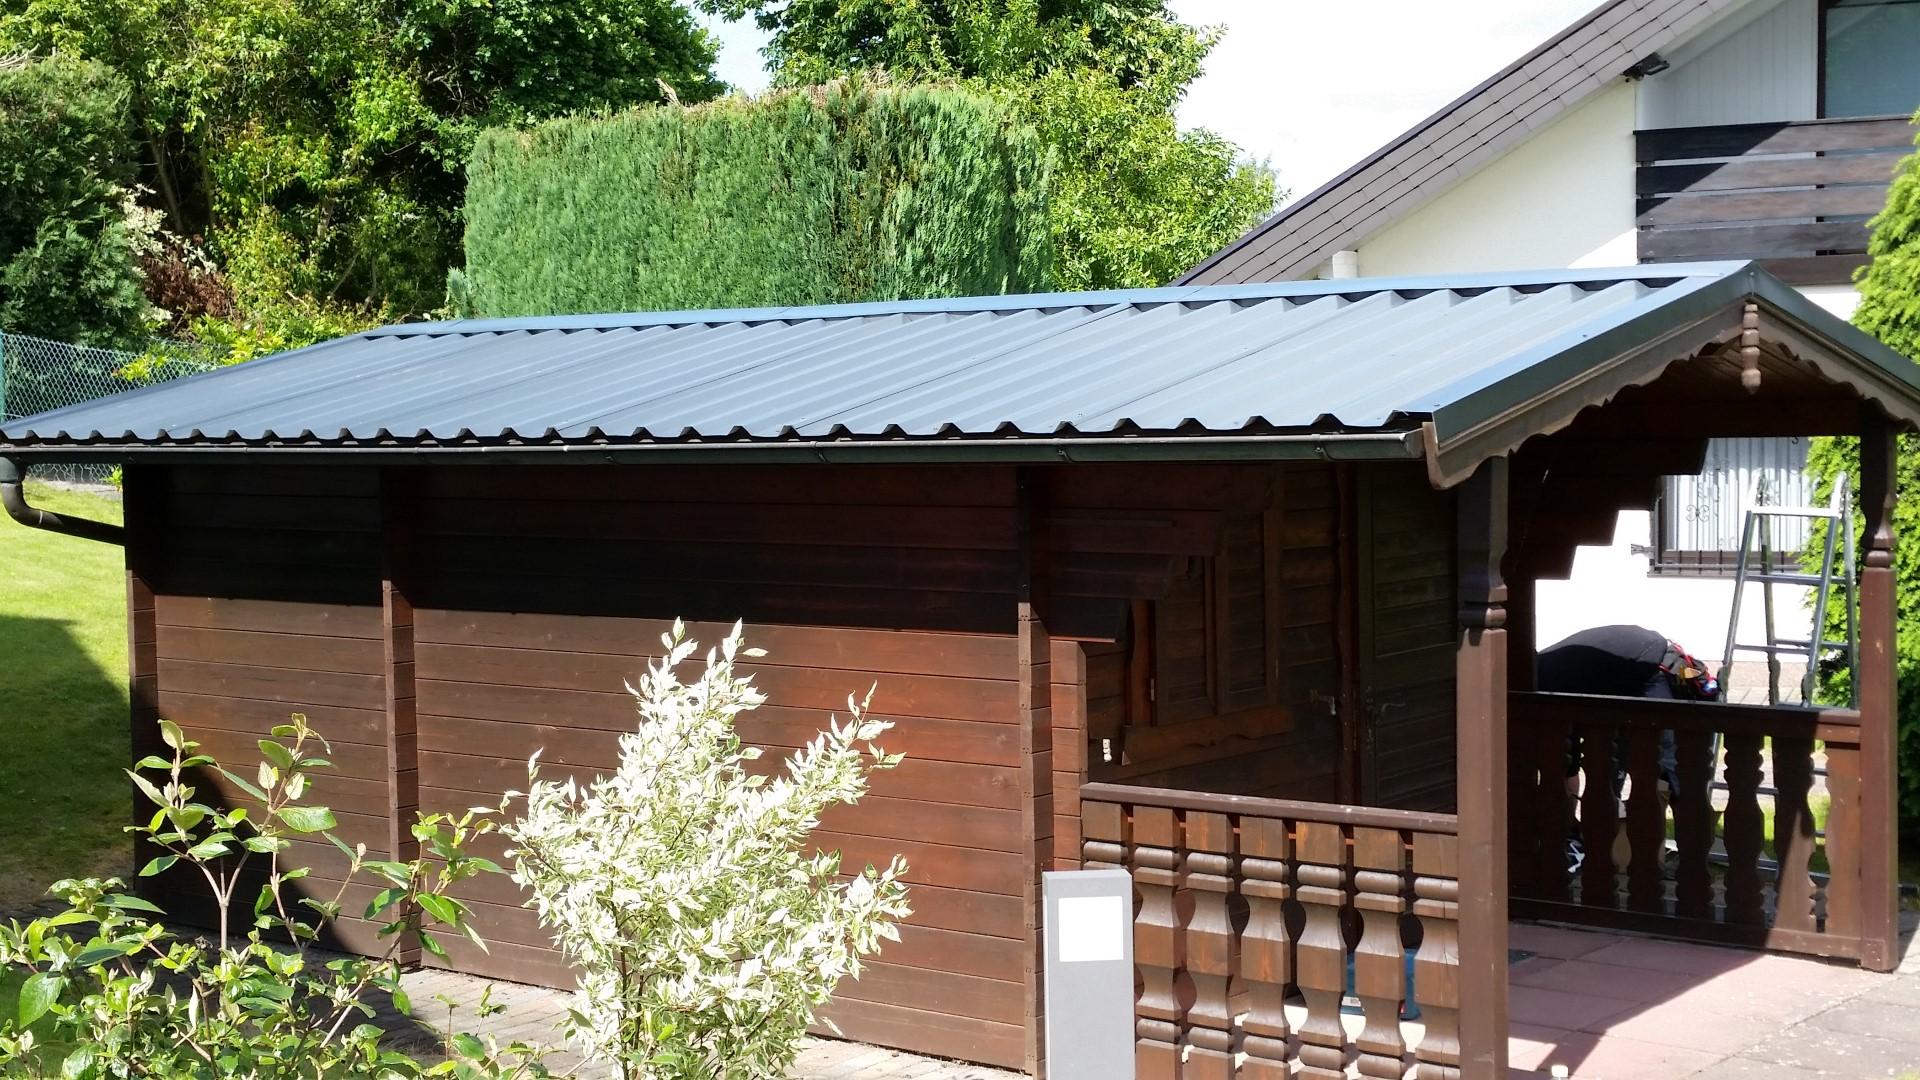 gartenhaus welche bedachung | my blog